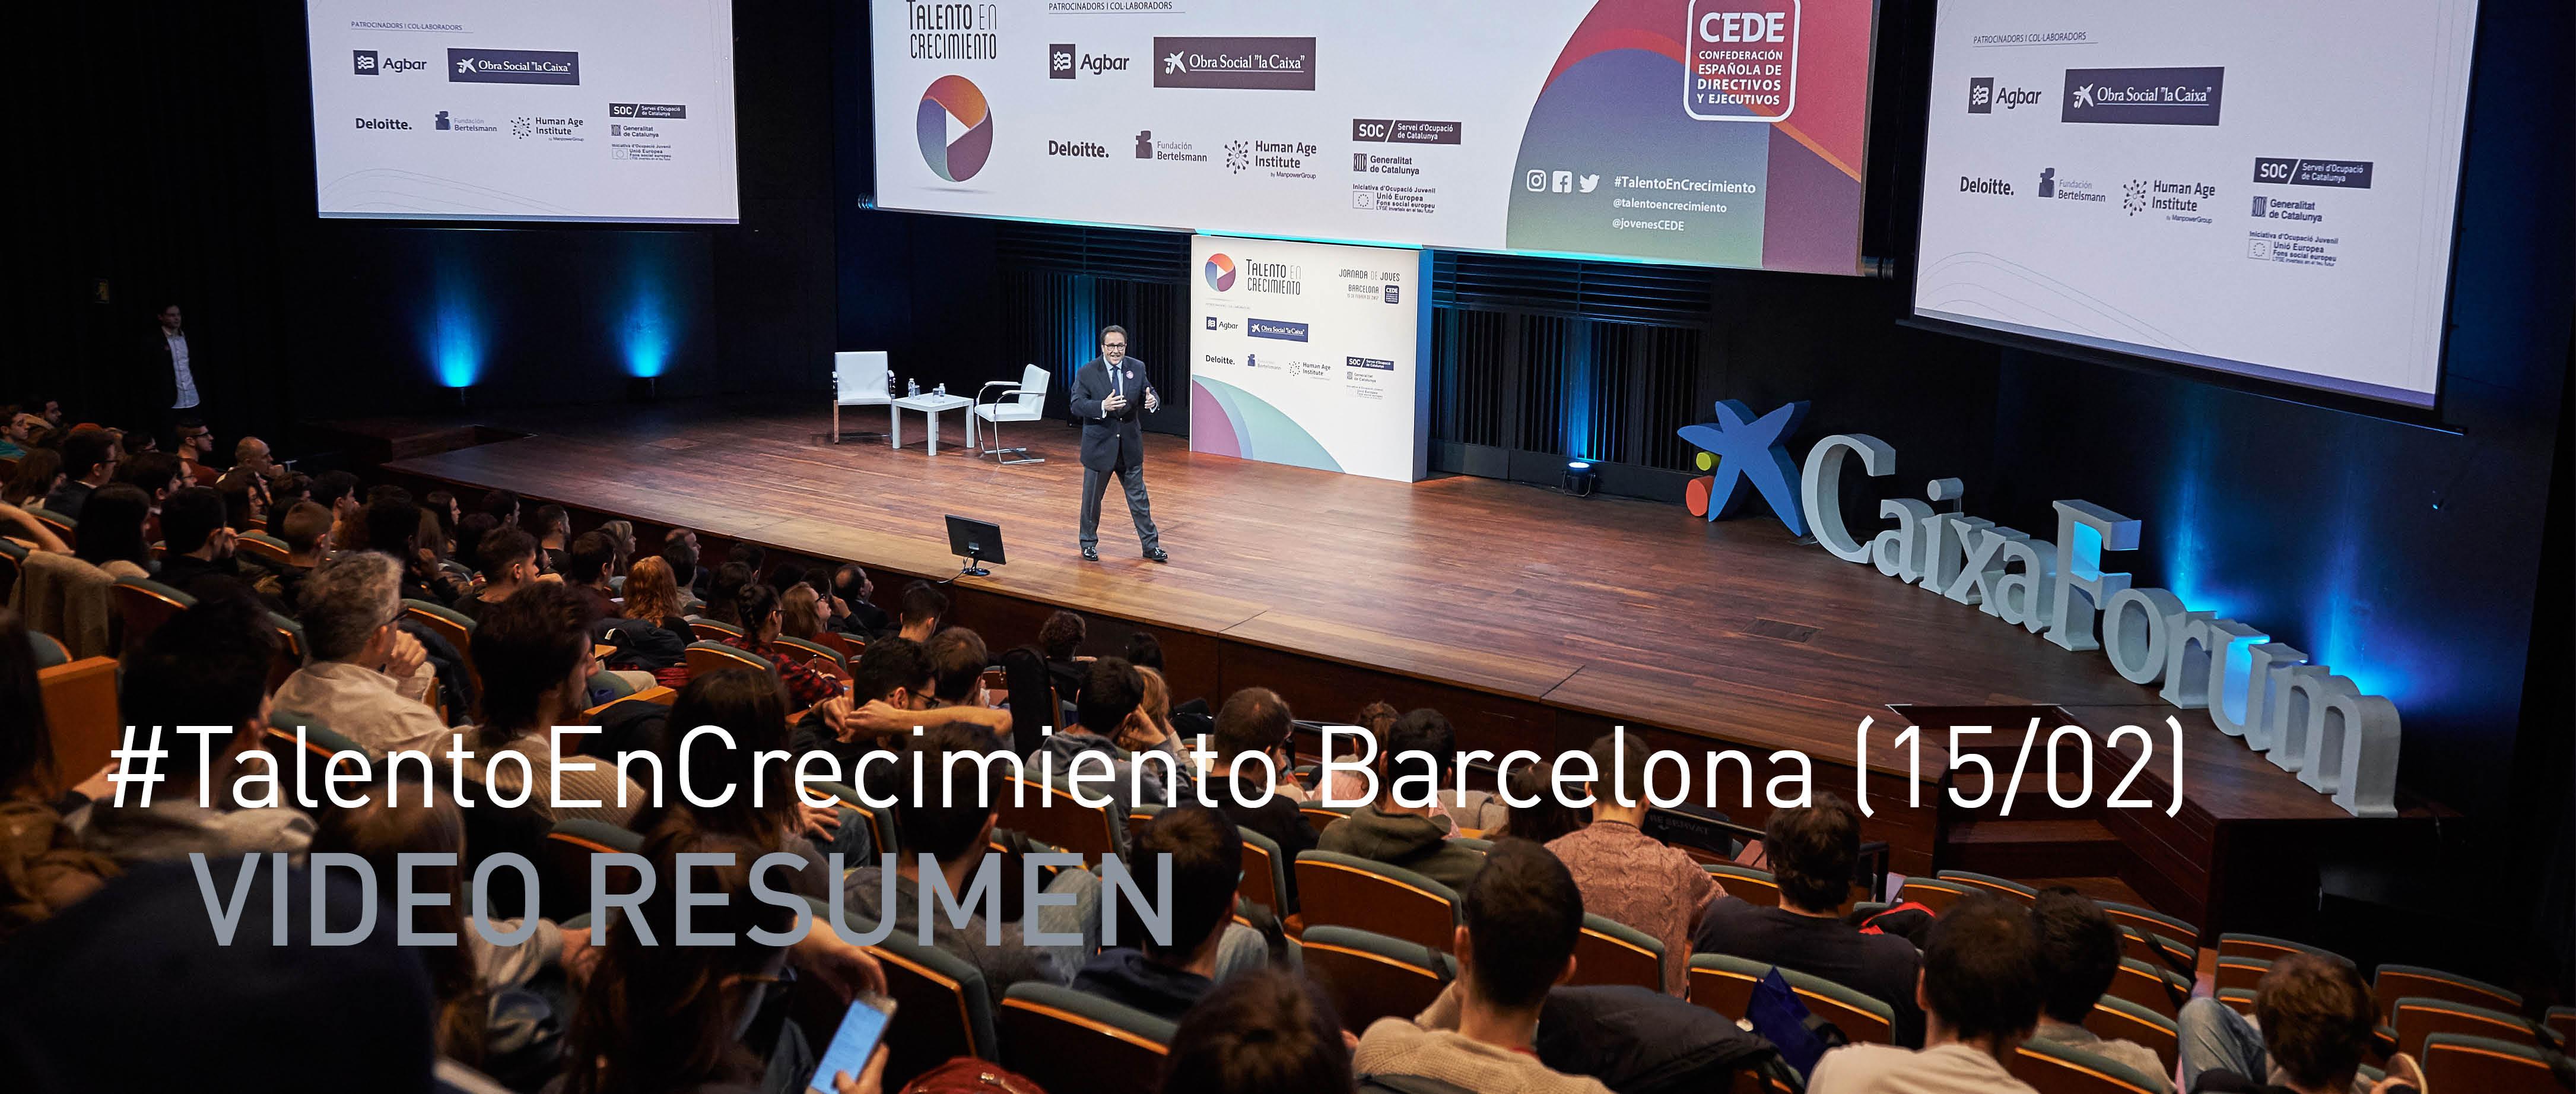 Video Resumen #TalentoEnCrecimiento Barcelona